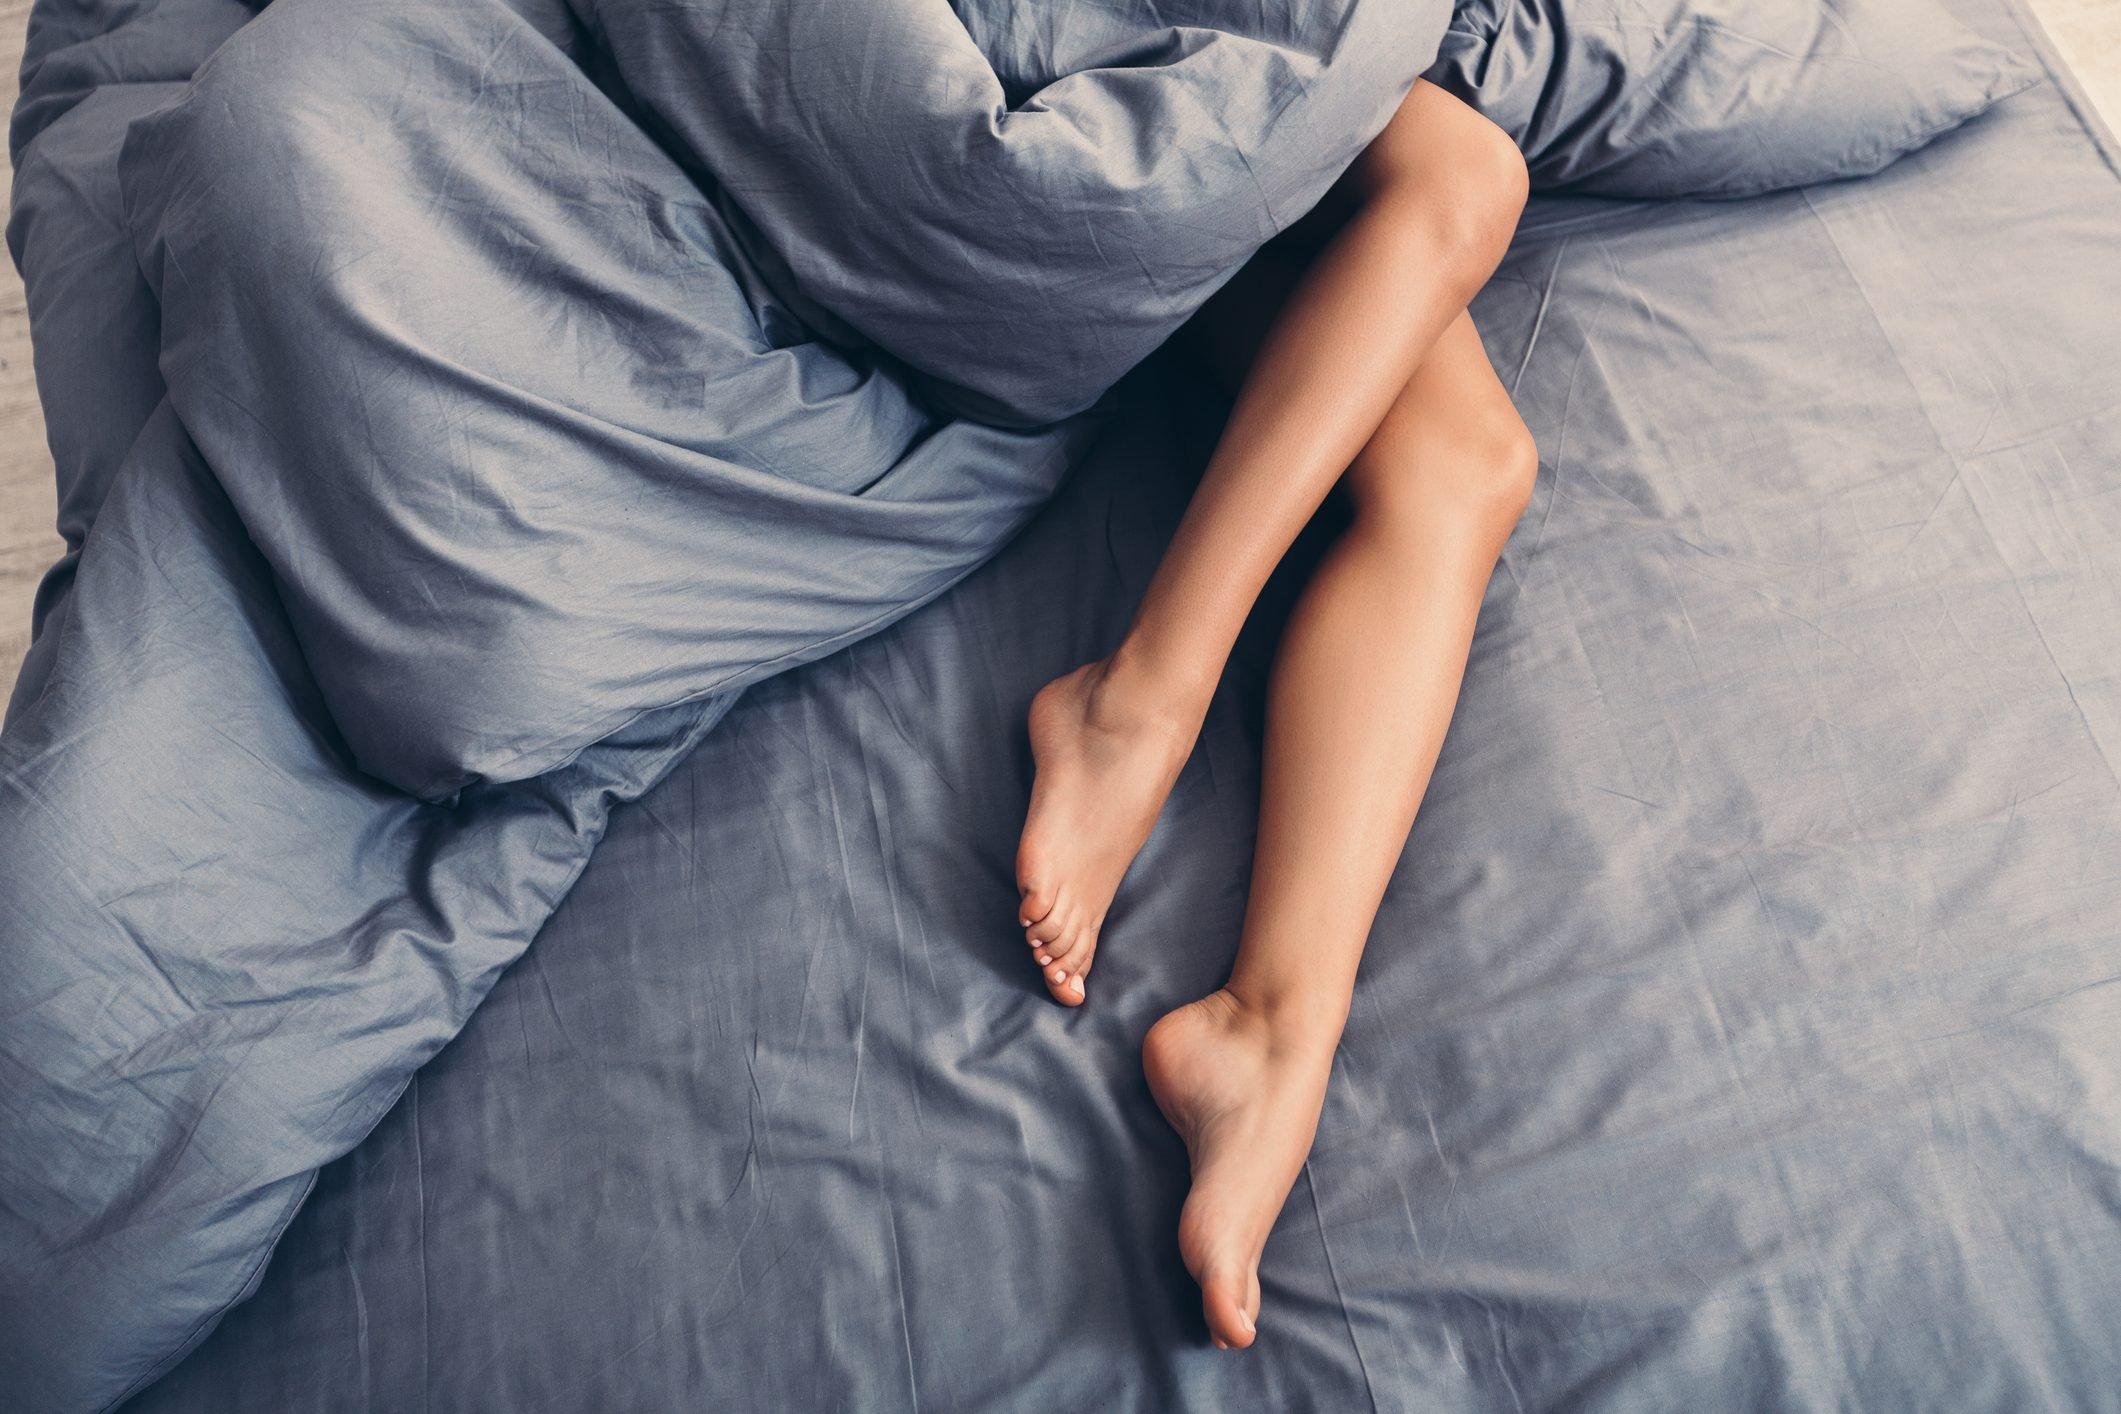 Partie du corps féminin sur le lit